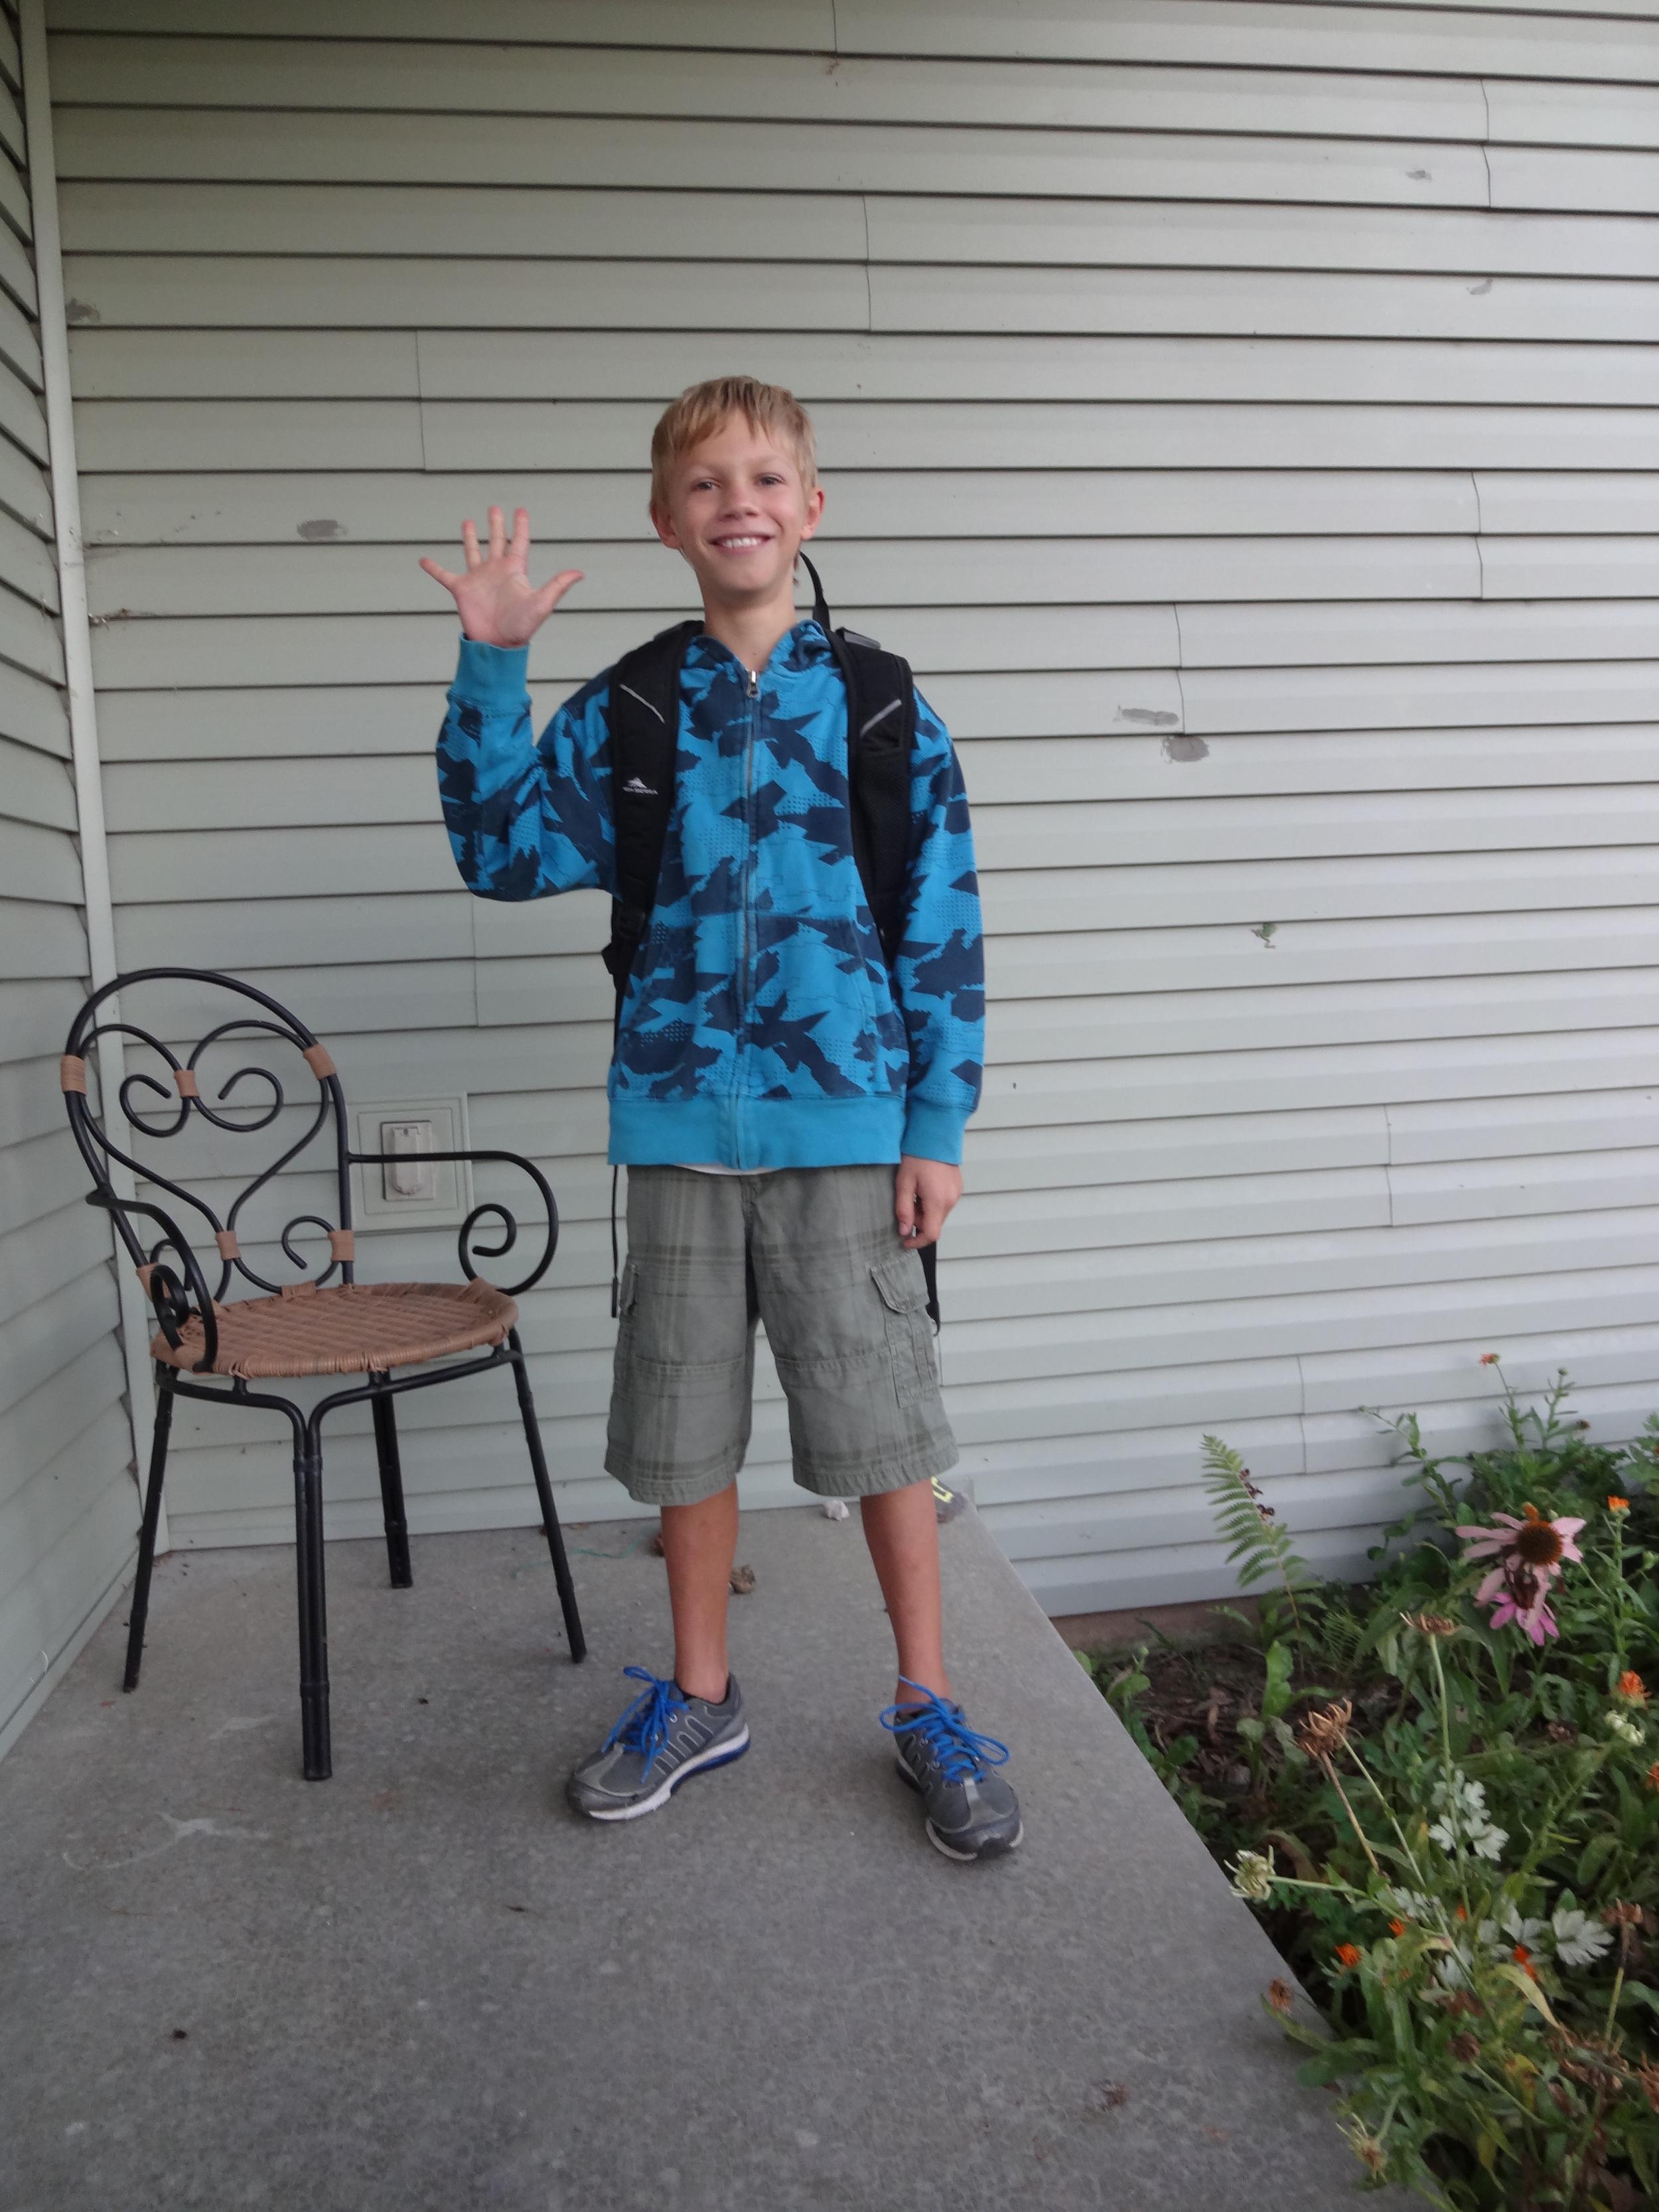 Jordan - 5th Grade